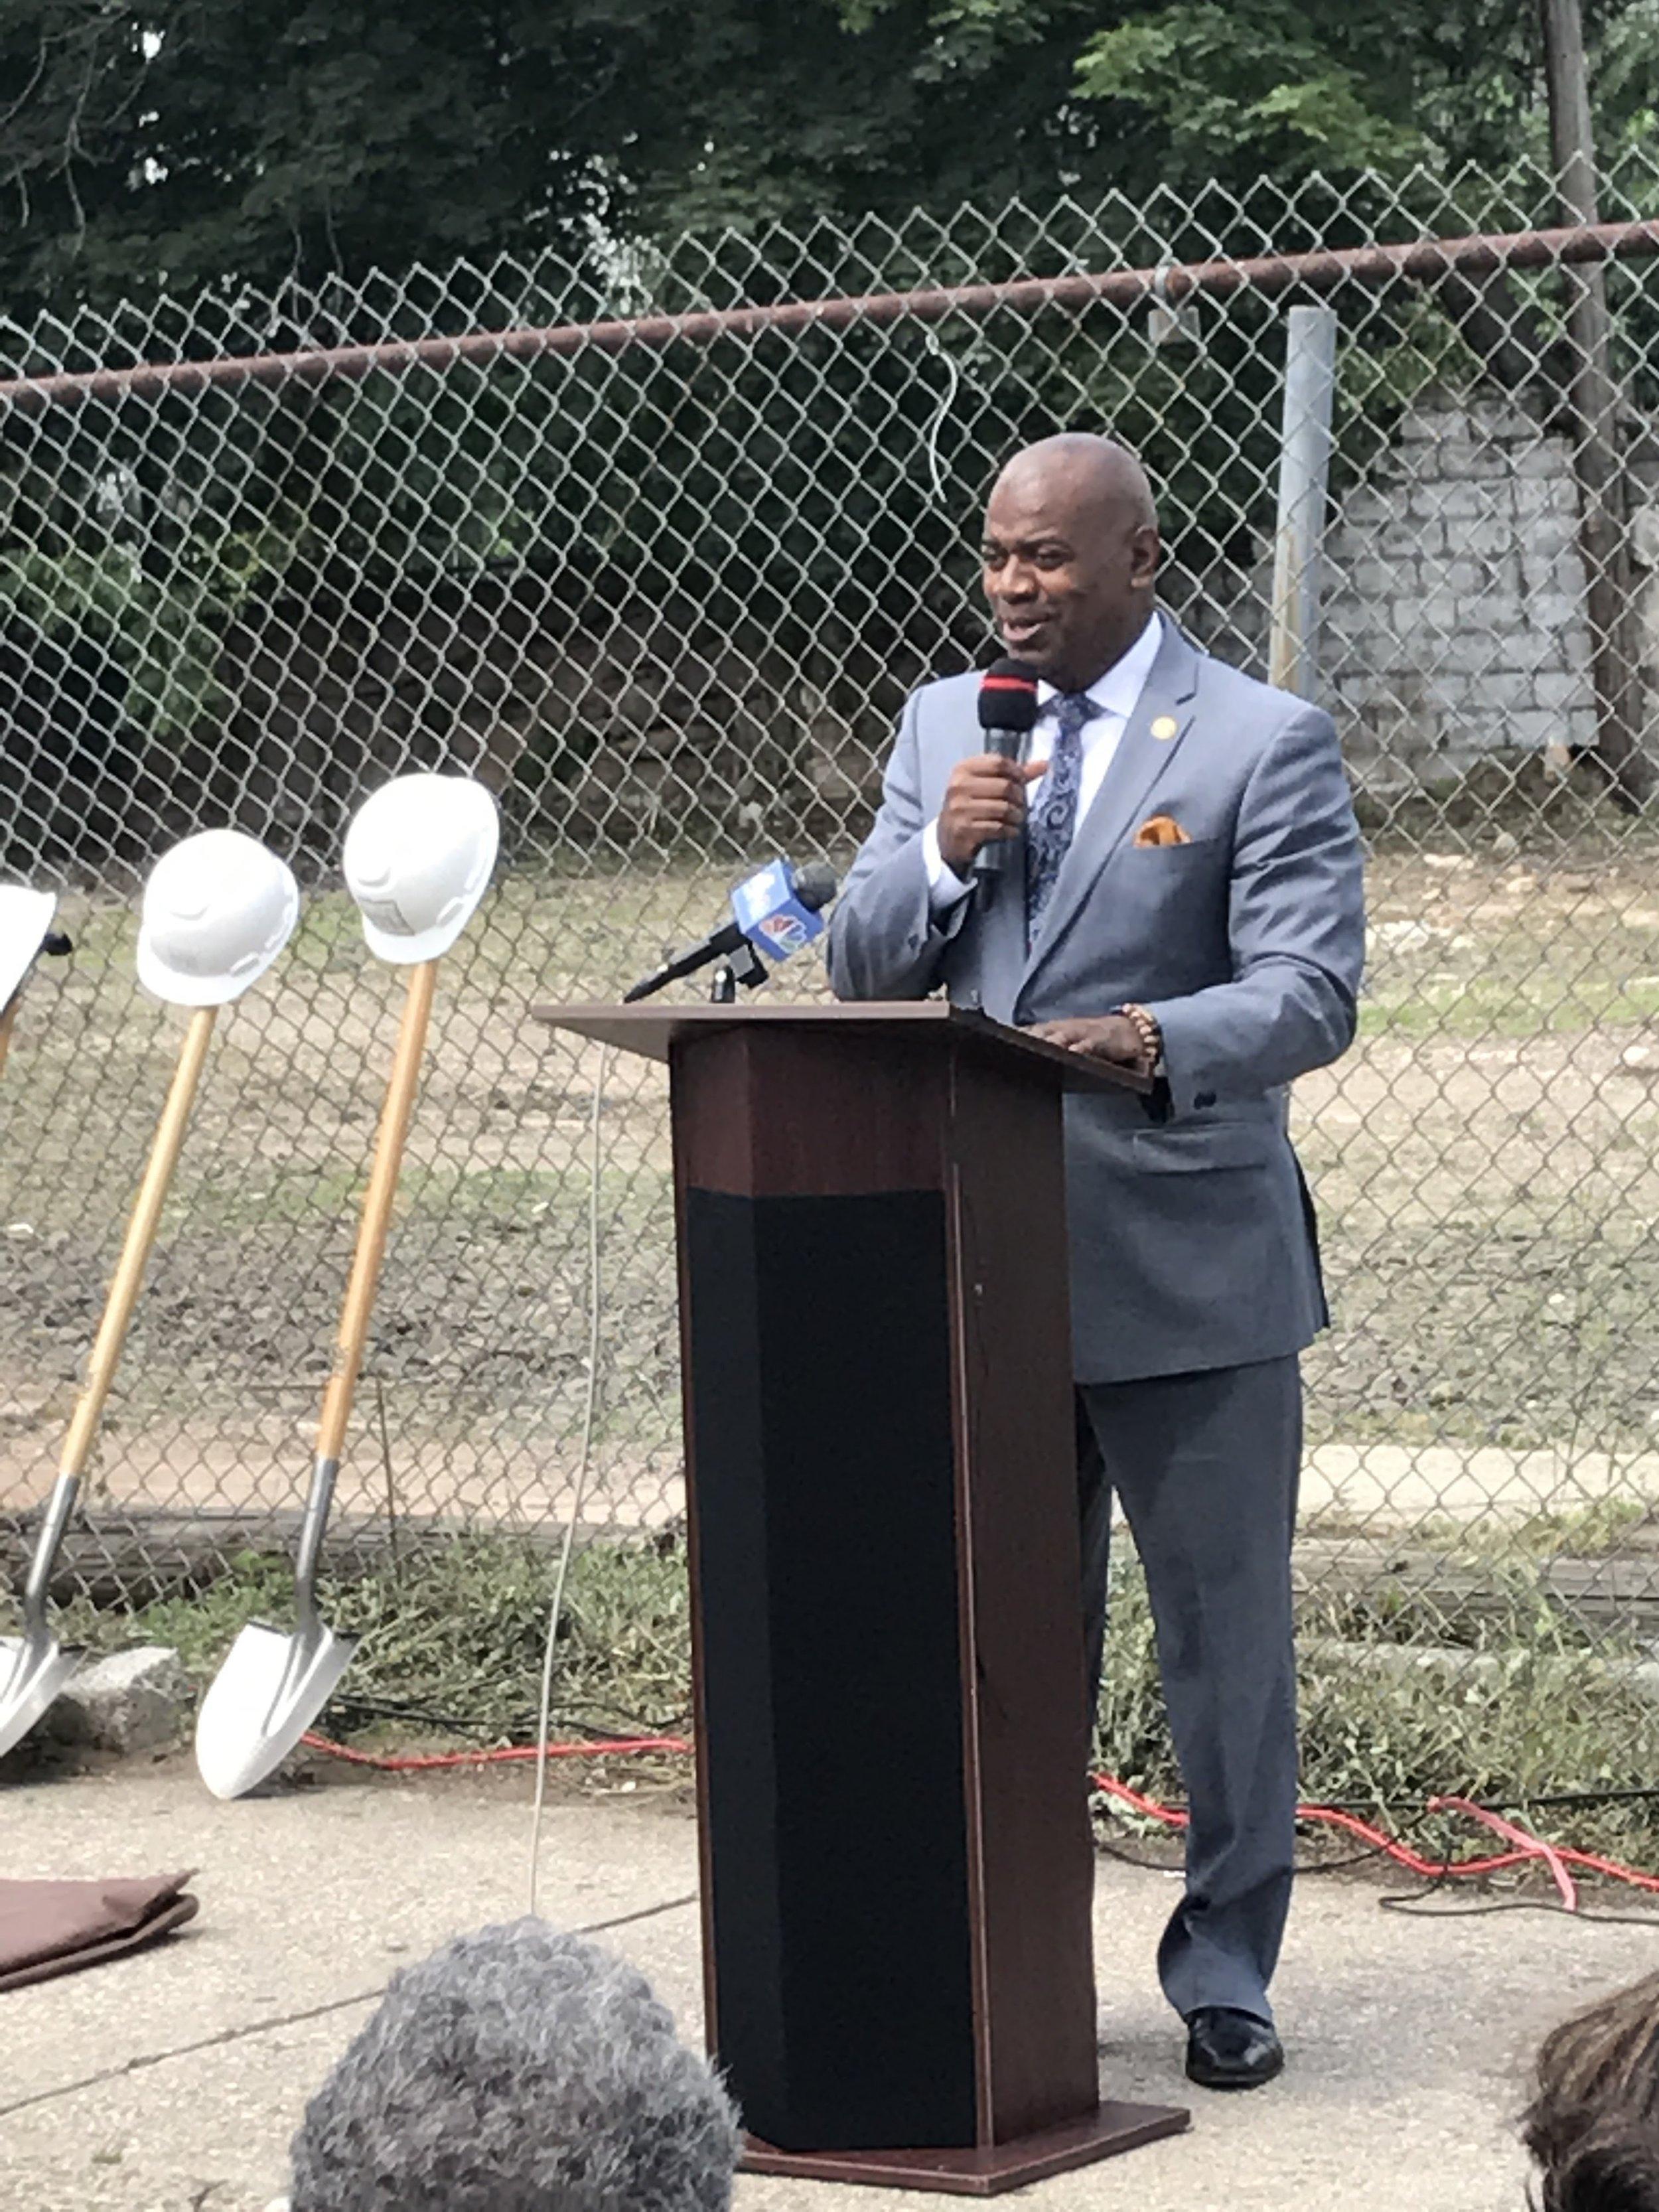 Mayor of the city of Newark, Ras J. Baraka.